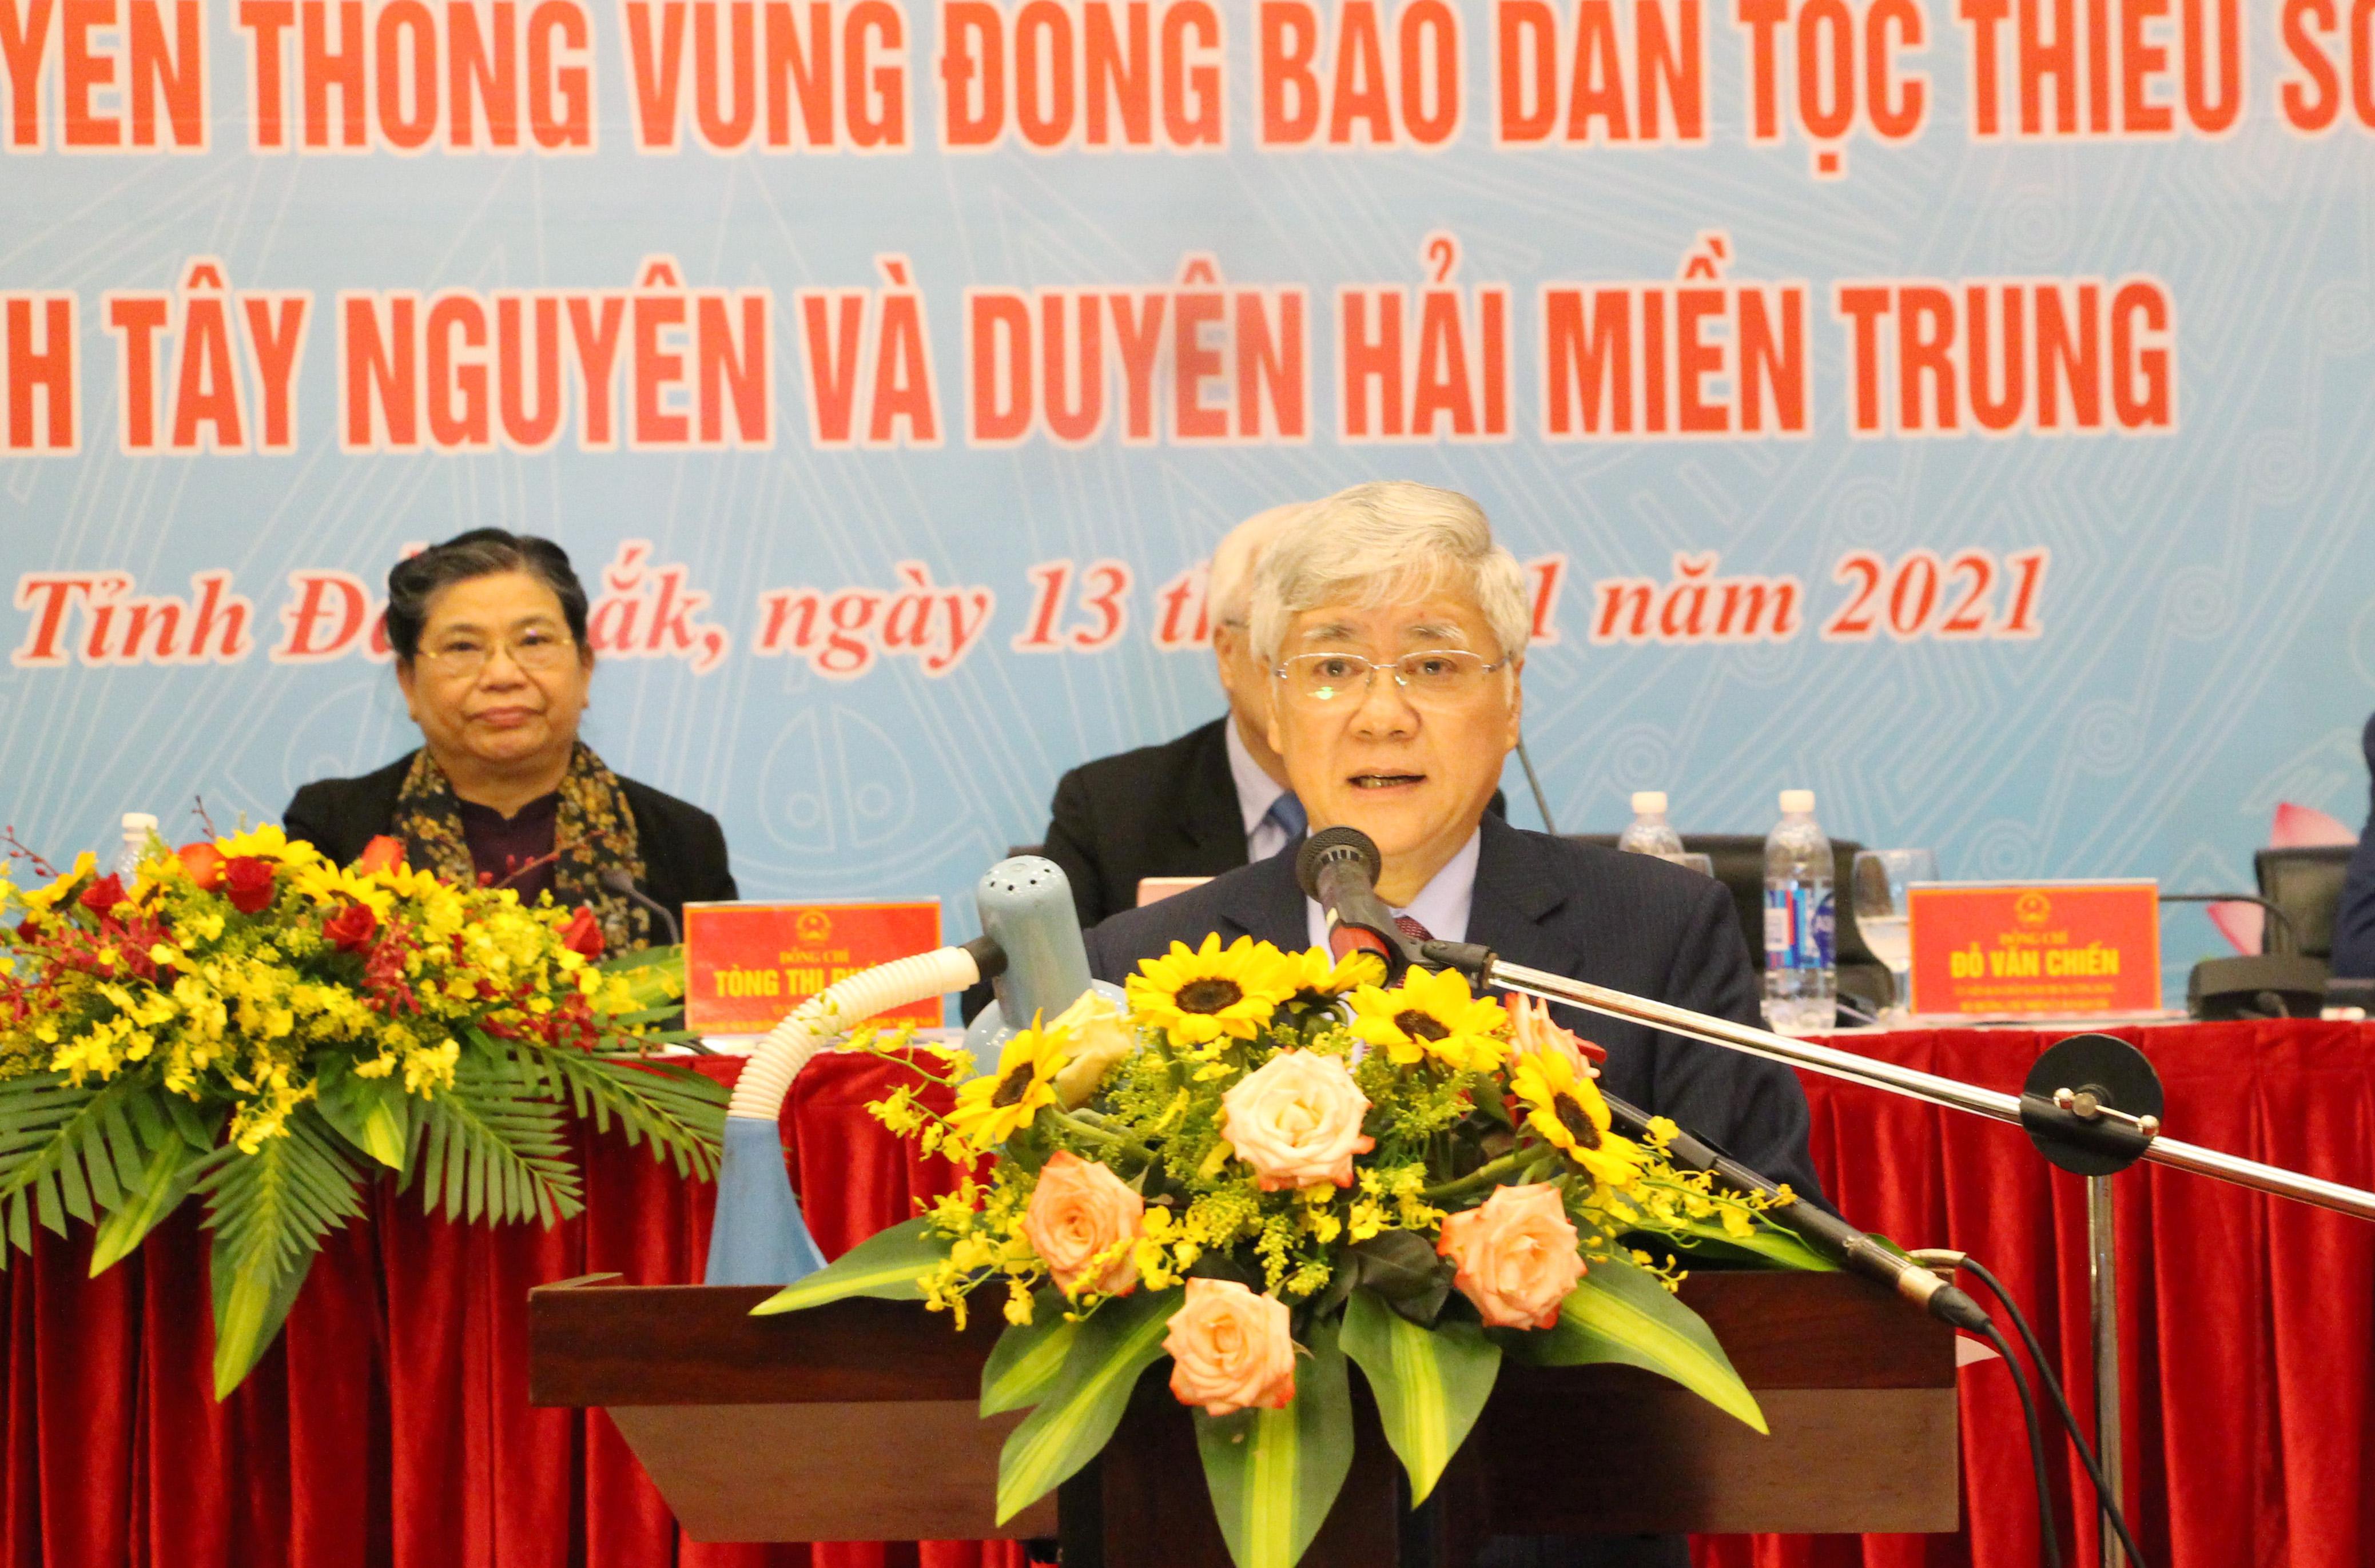 Bộ trưởng, Chủ nhiệm Ủy ban Dân tộc Đỗ Văn Chiến phát biểu tại Hội thảo